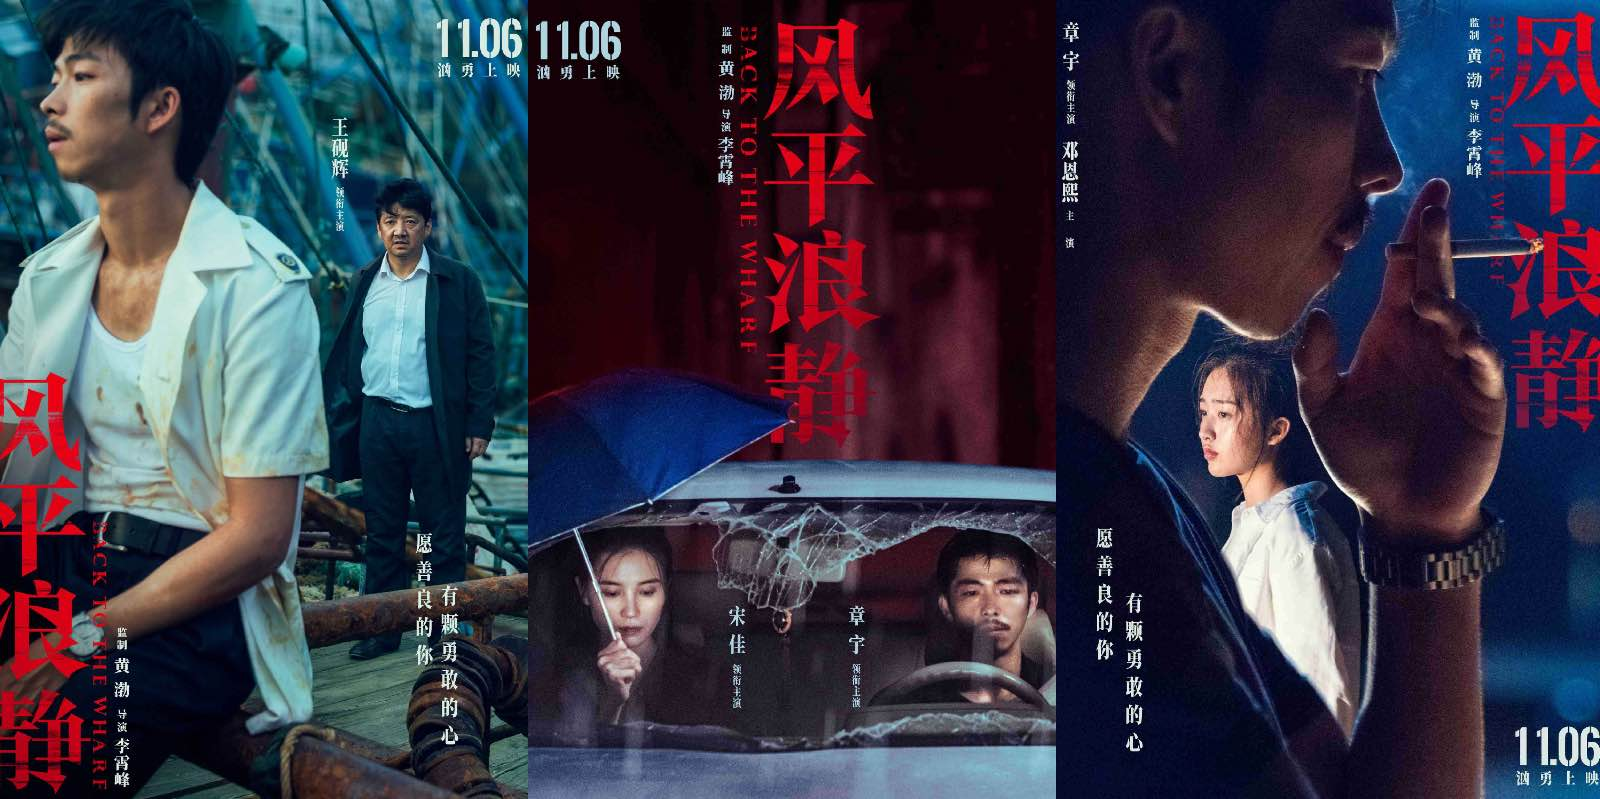 黄渤监制新片《风平浪静》今日平遥展映 大银幕接棒2020犯罪佳作浪潮